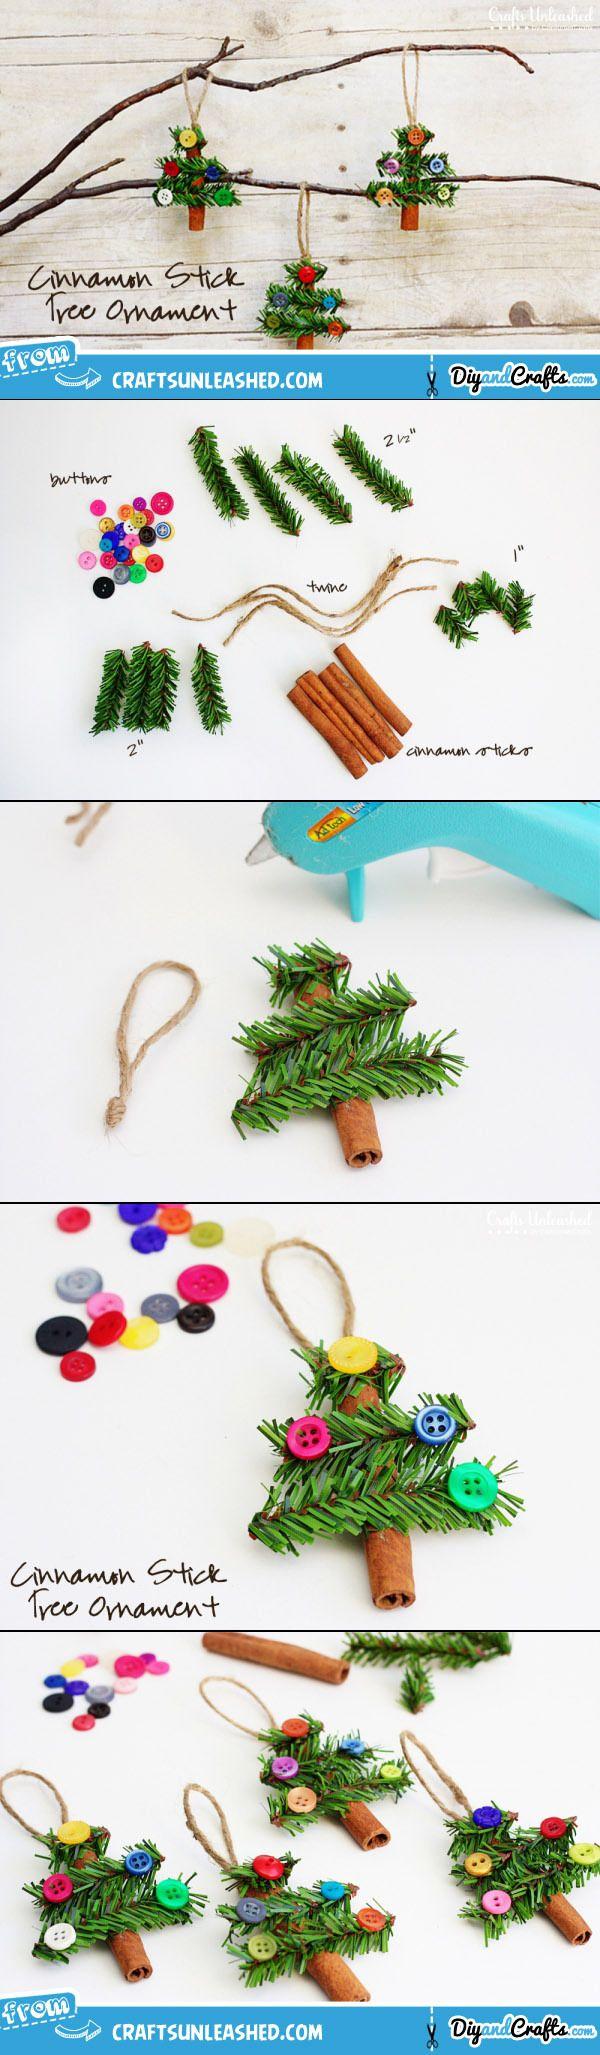 Met een kaneelstokje, takjes en knoopjes maak je een kleine geurende kerstboom om op te hangen.